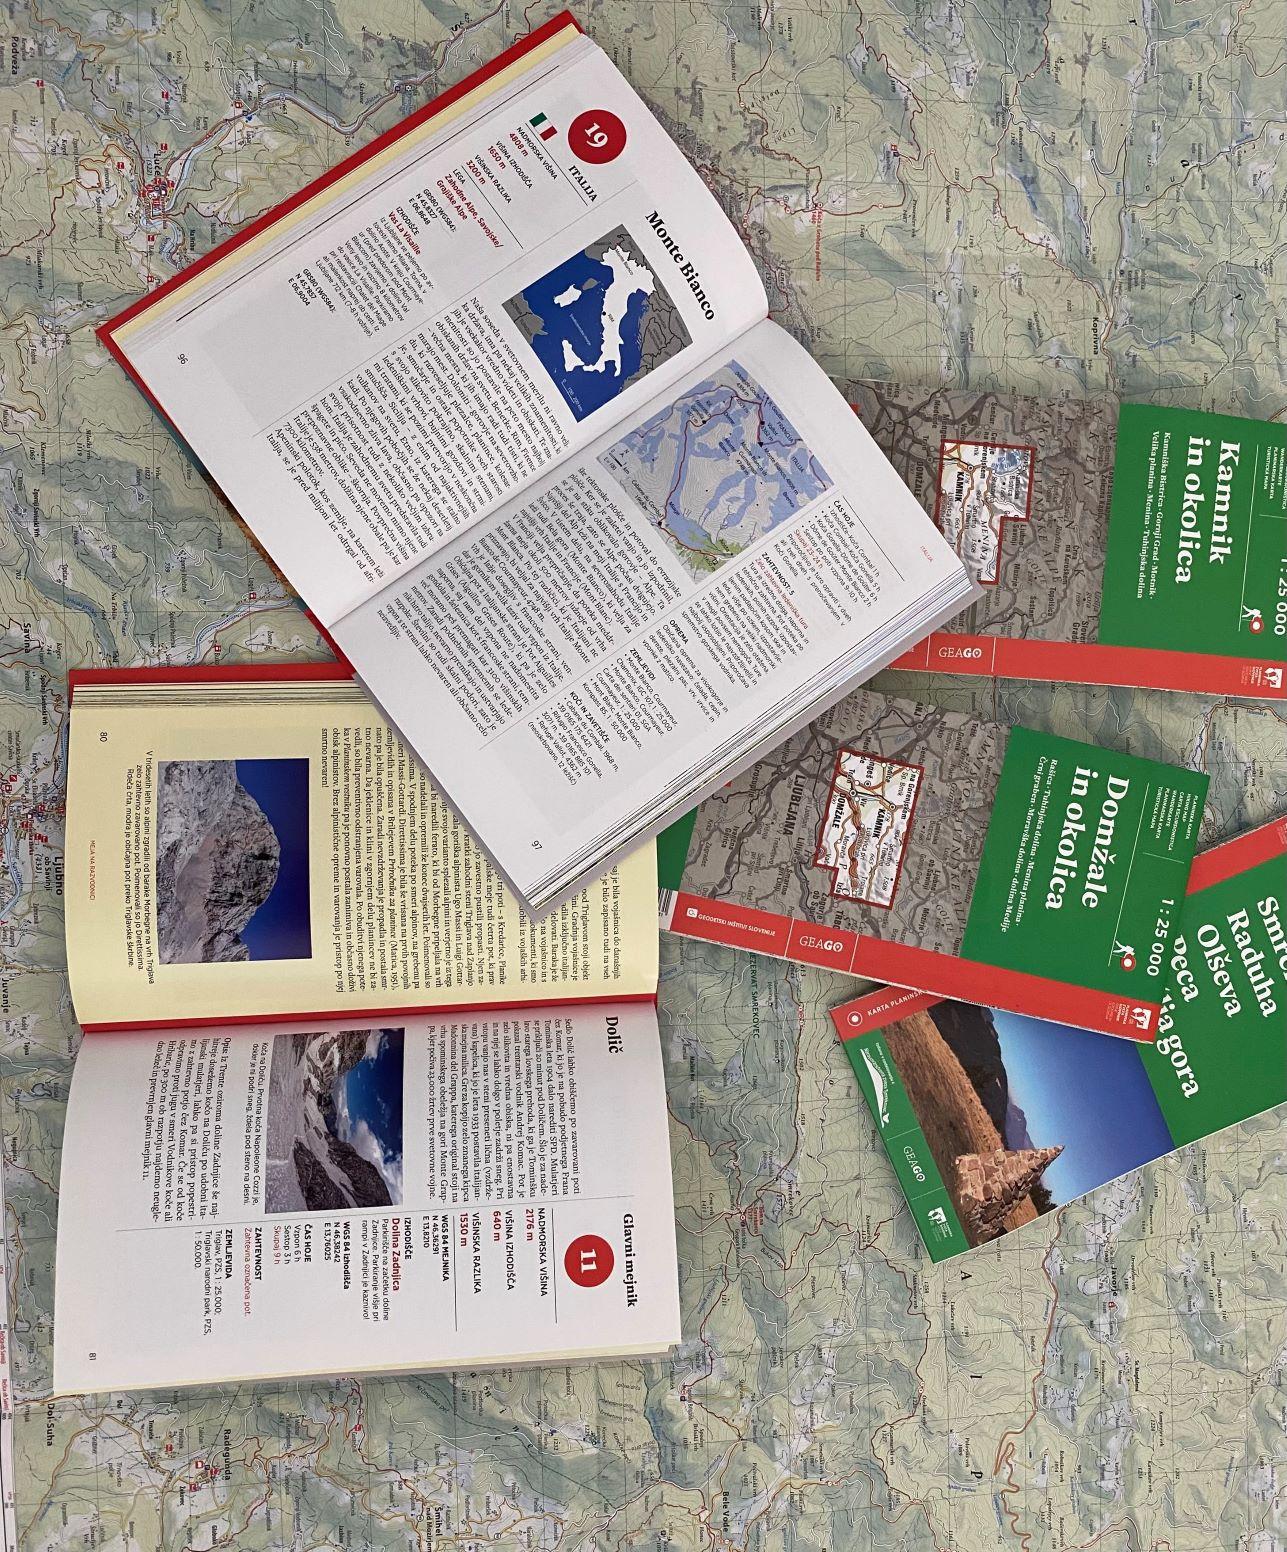 knji_ne_novosti__zemljevid